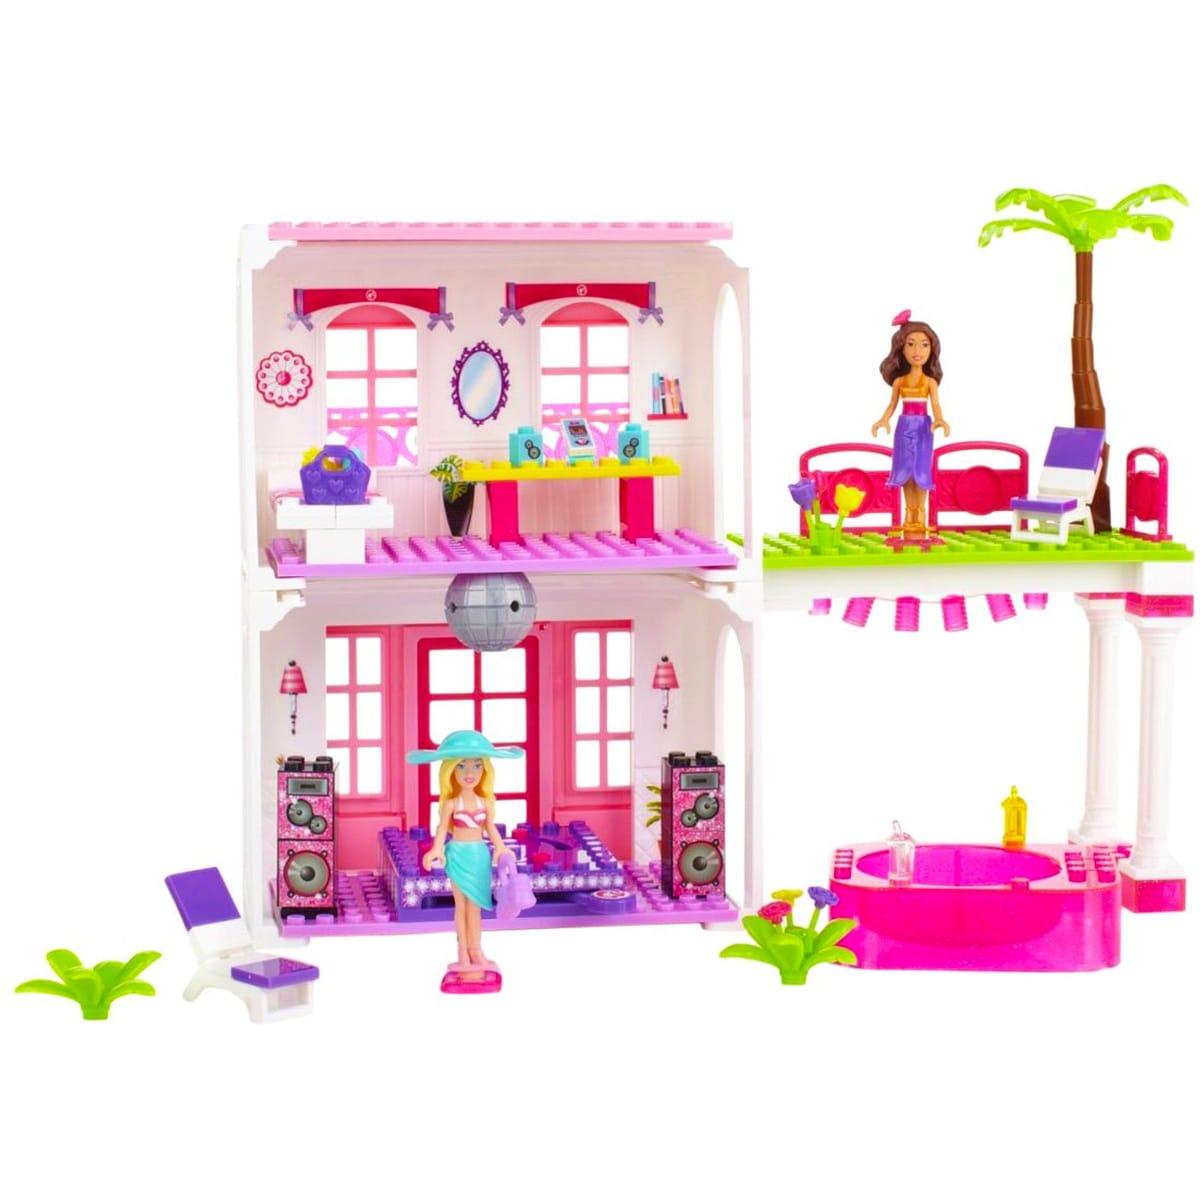 Megabloks Barbie : Fabuleuse maison pas cher à prix